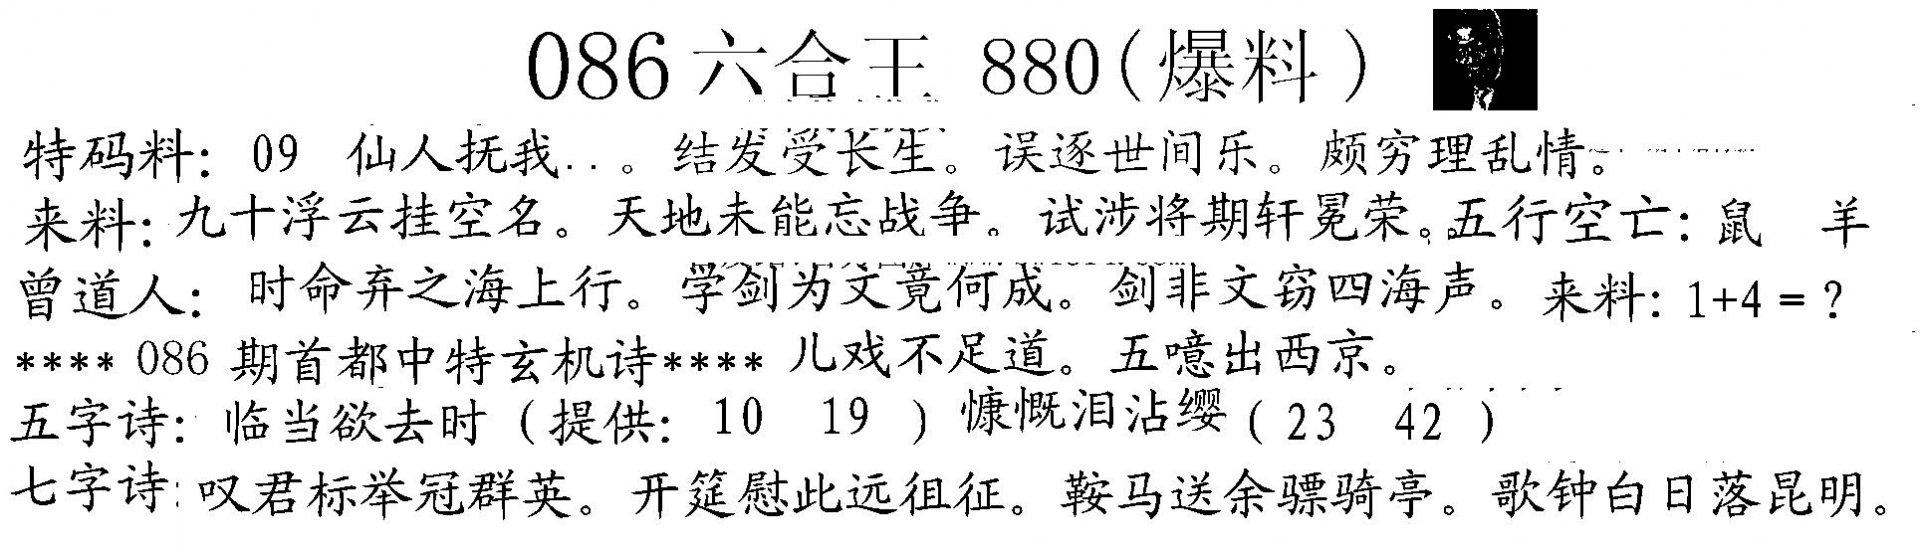 086期880来料(黑白)